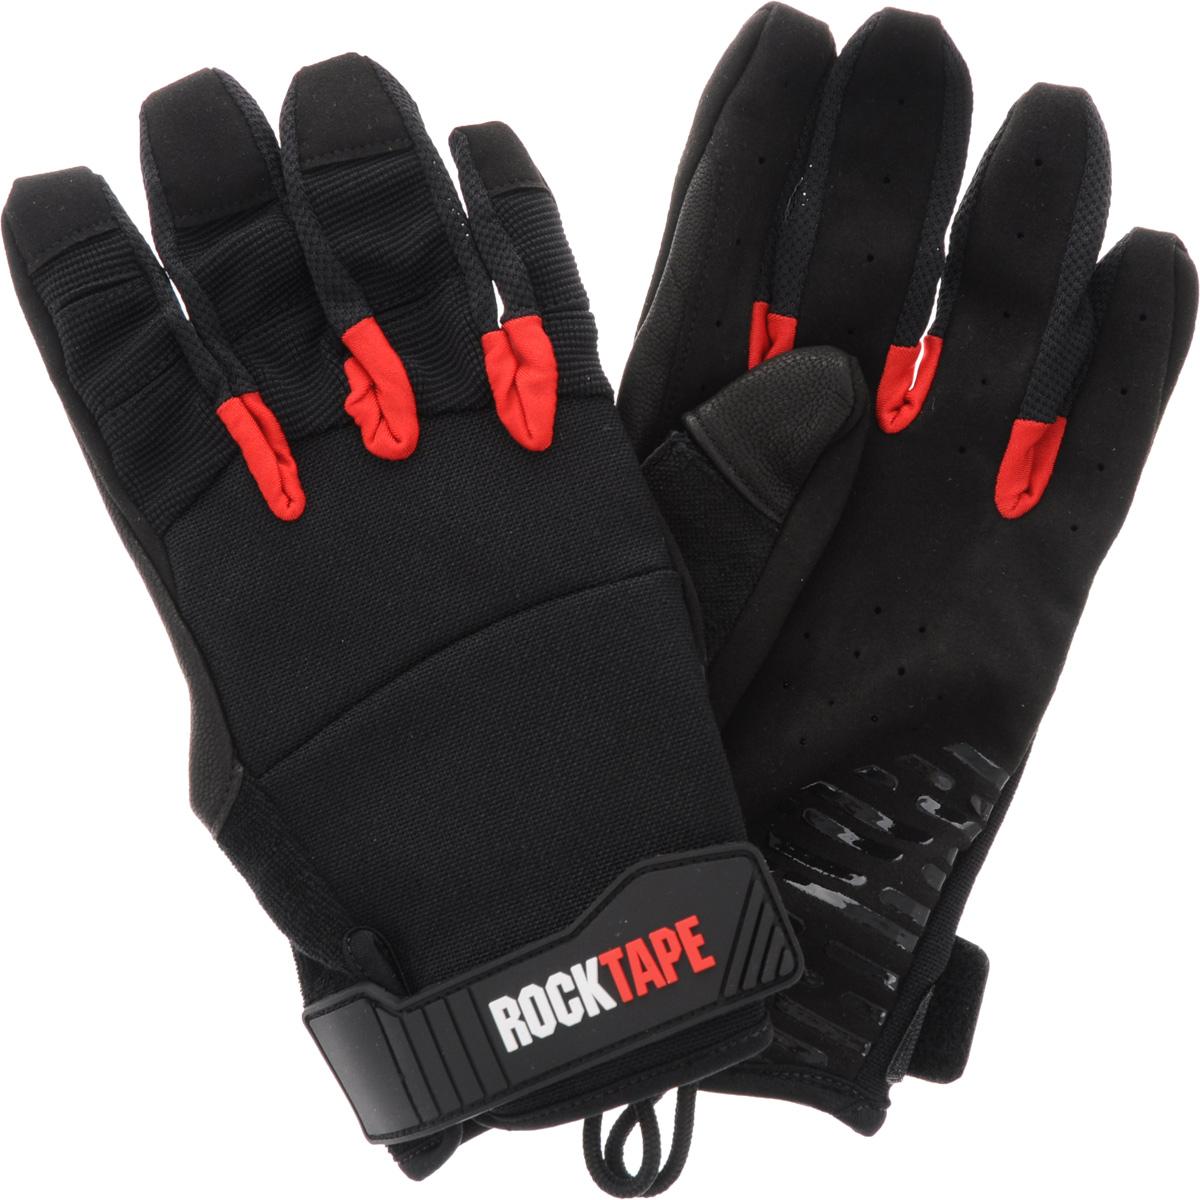 Перчатки Rocktape Talons, цвет: черный, красный. Размер MRTTls-MRocktape Talons - это функциональные перчатки для спорта. Руль велосипеда, турник, штанга - за что бы вы ни взялись, перчатки обеспечатмаксимальную защиту и поддержку! Уверенный хват и больше никаких стертых рук, волдырей и мозолей! Особенности перчаток: Дружелюбны к сенсорным экранам. Без швов на ладонях. Силиконовая накладка false-grip поможет в выходах силой. Защита большого пальца при захвате штанги. Впитывают пот. Дышащий материал по боковым поверхностям пальцев. Удобные петли. Рассчитаны на работу с мелом. Обхват ладони ниже костяшки: 20 см.